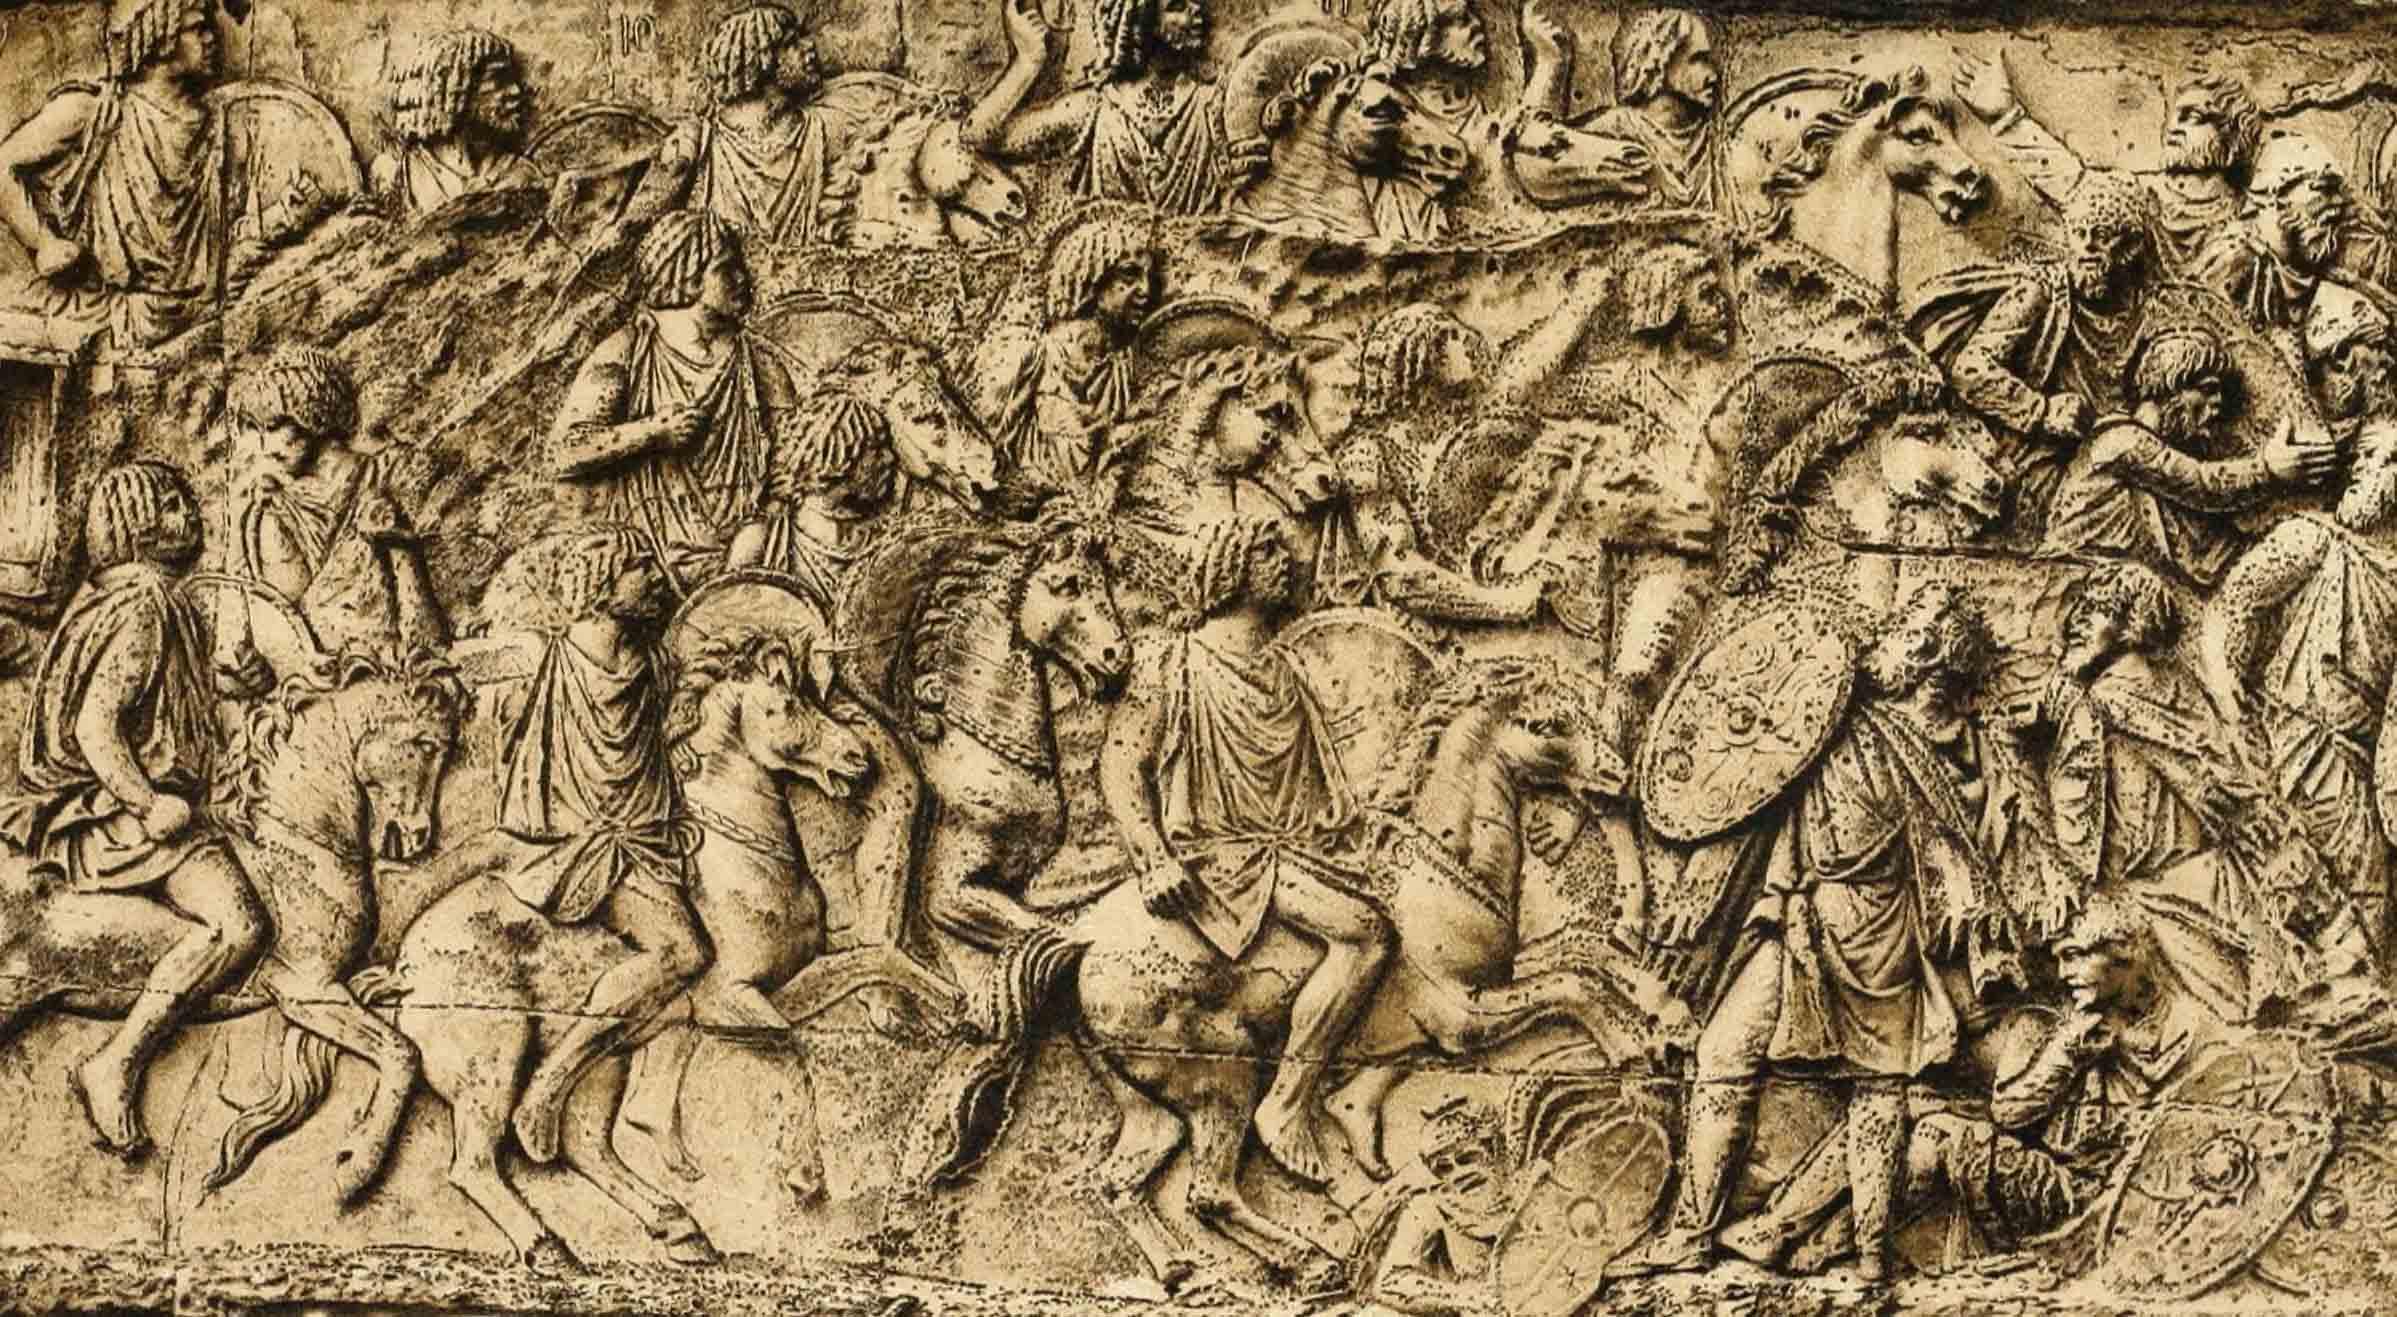 Bataille de Cannae